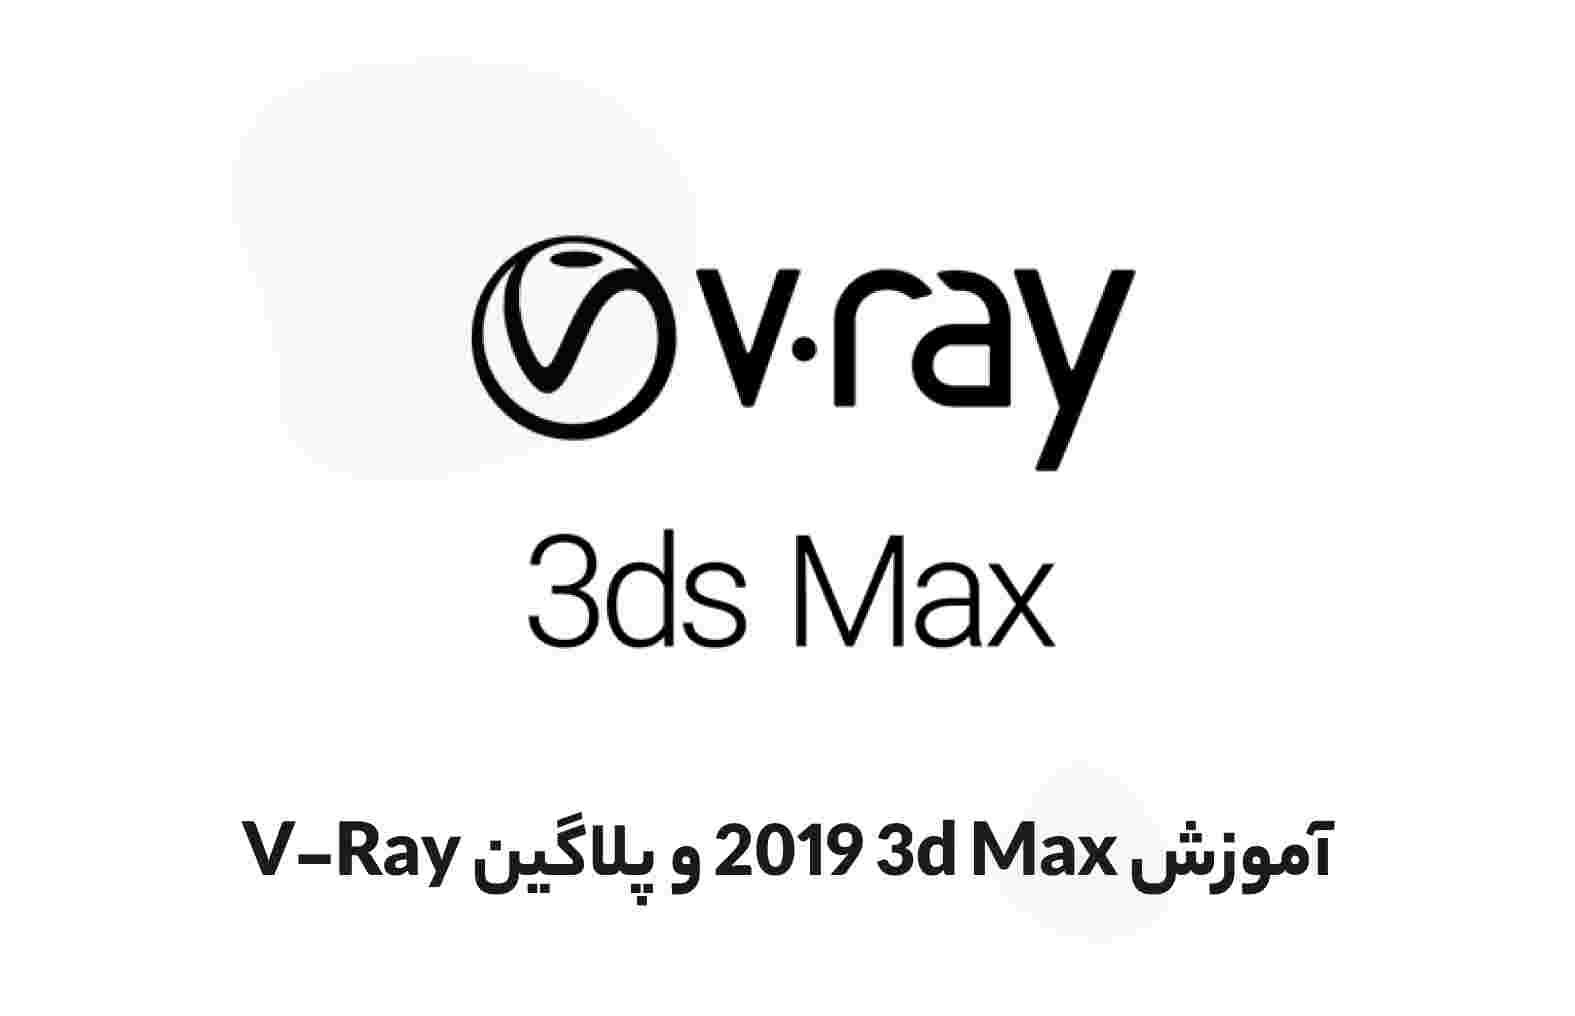 دوره آموزش کاربردی نرم افزار 2019 3d Max و پلاگین V-Ray